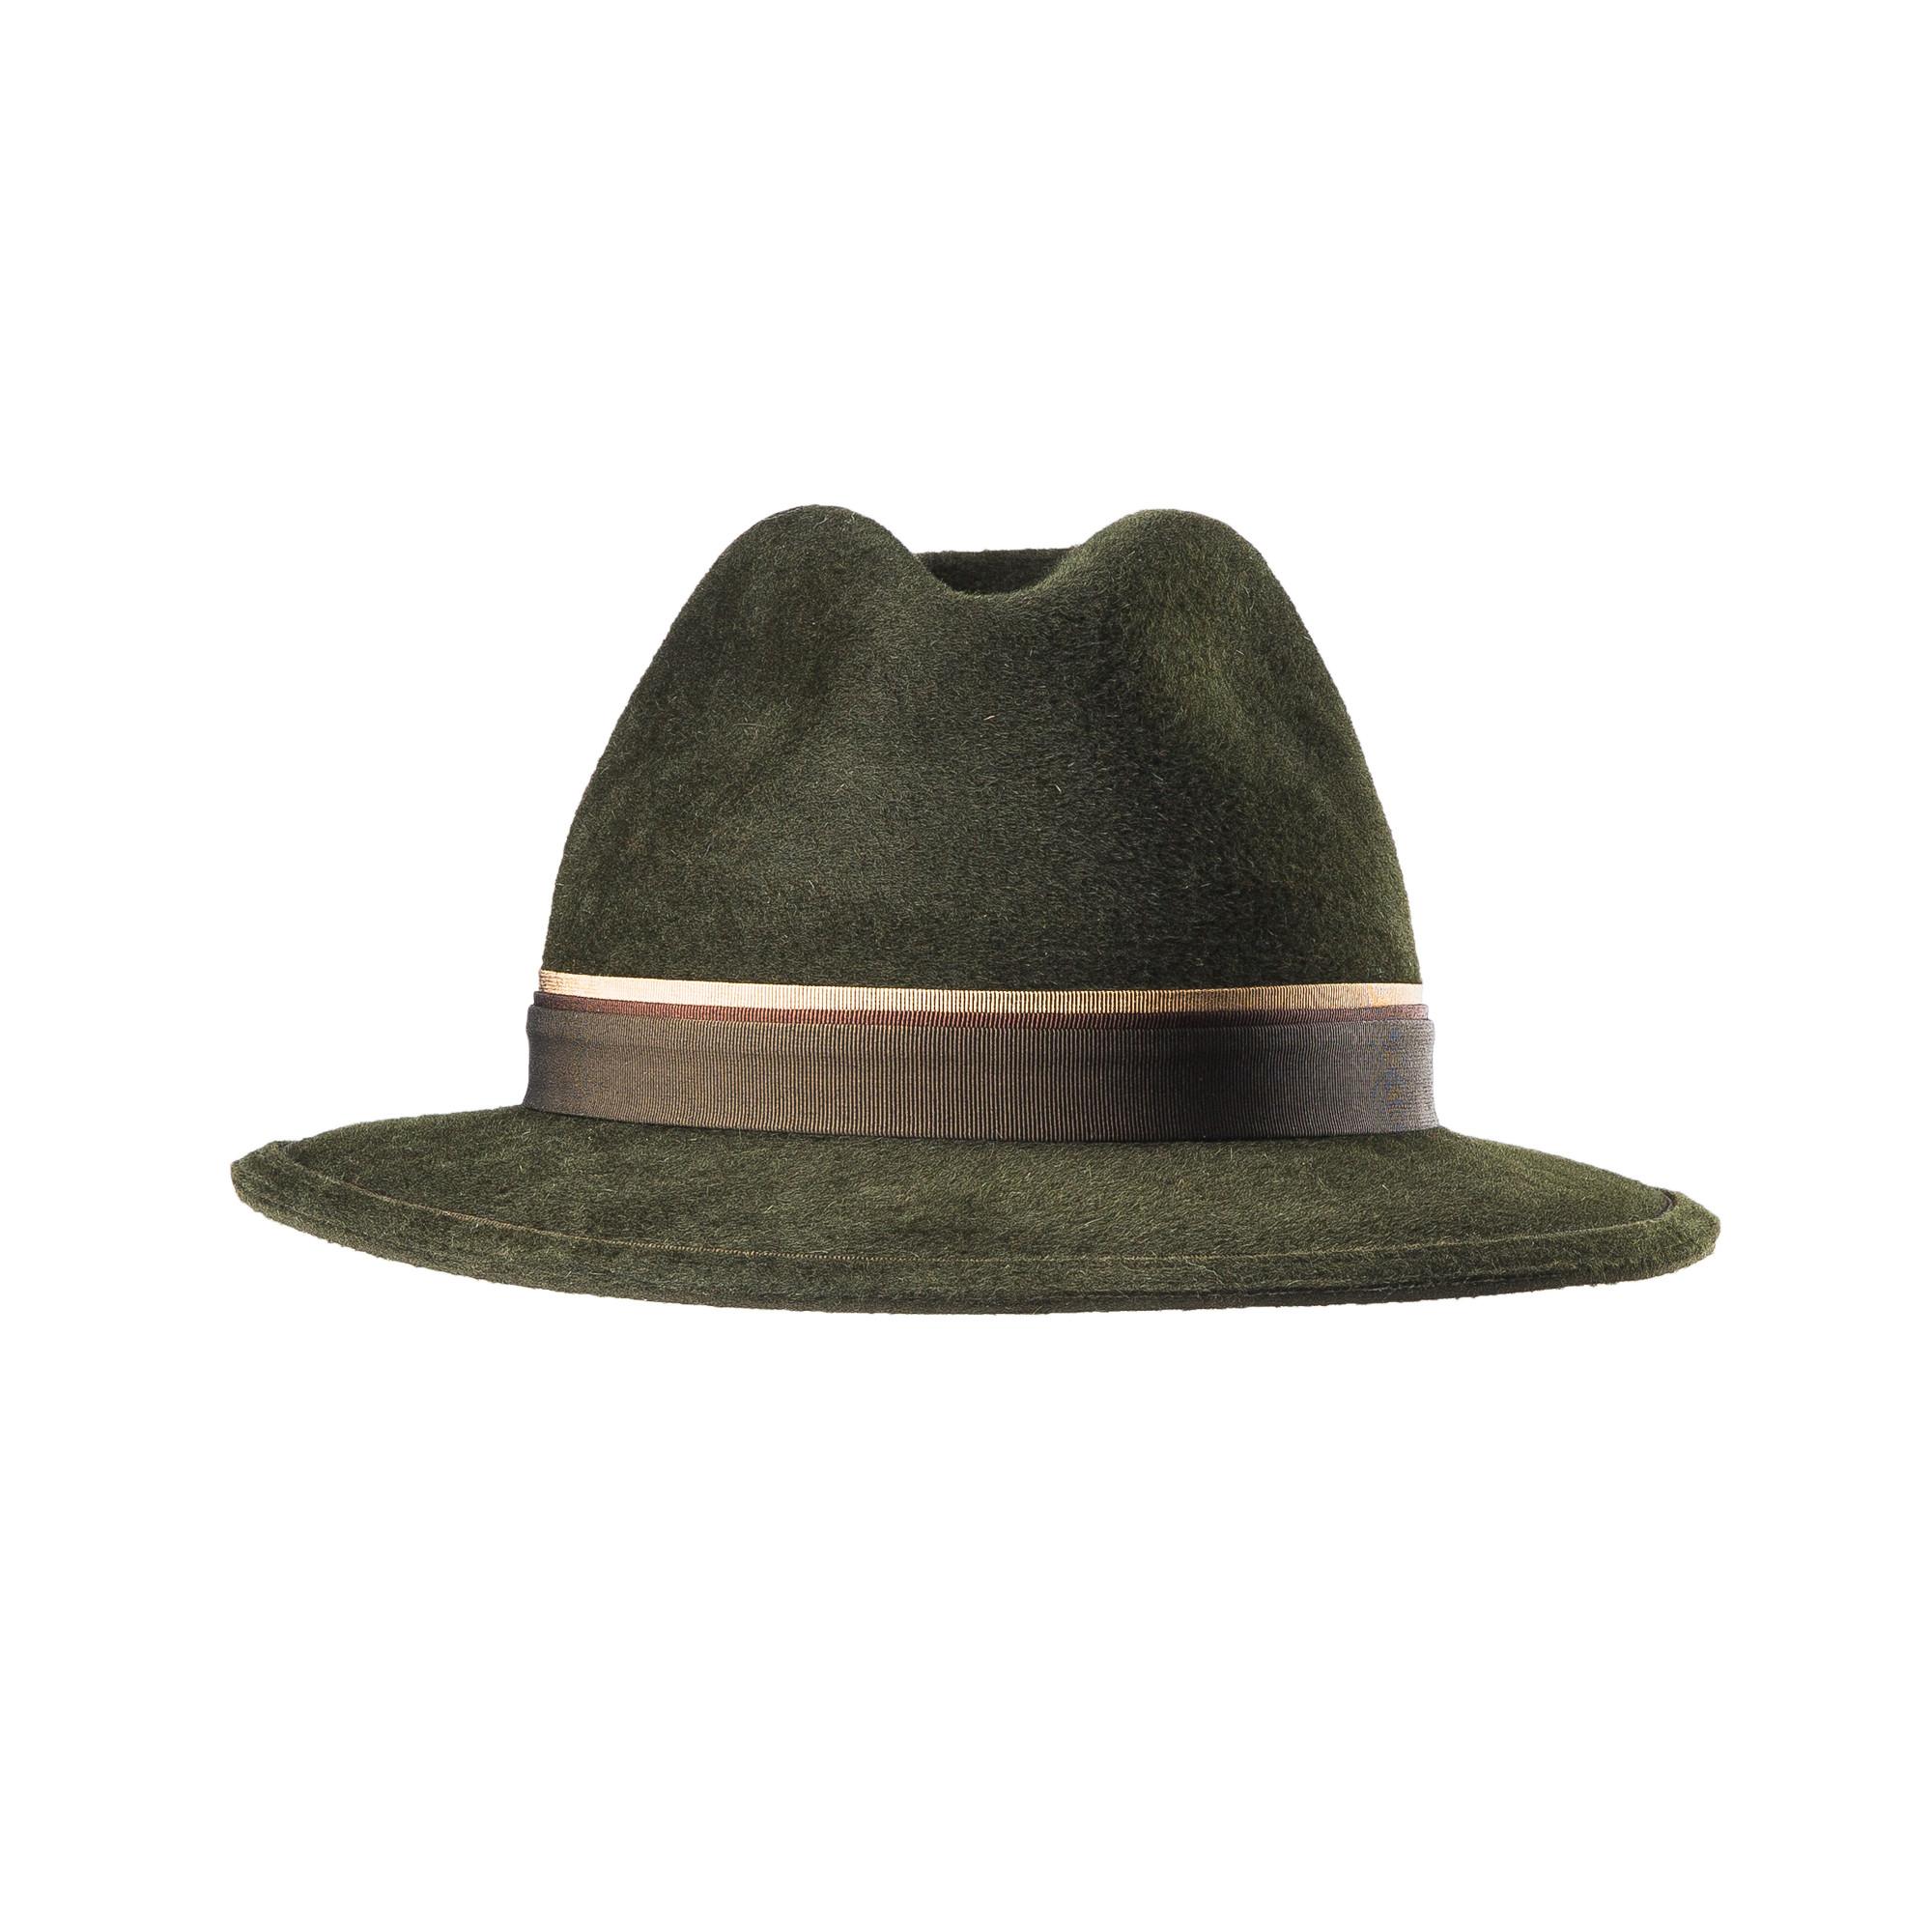 555e07c8f Hutmacher Zapf - Kronbach Hat